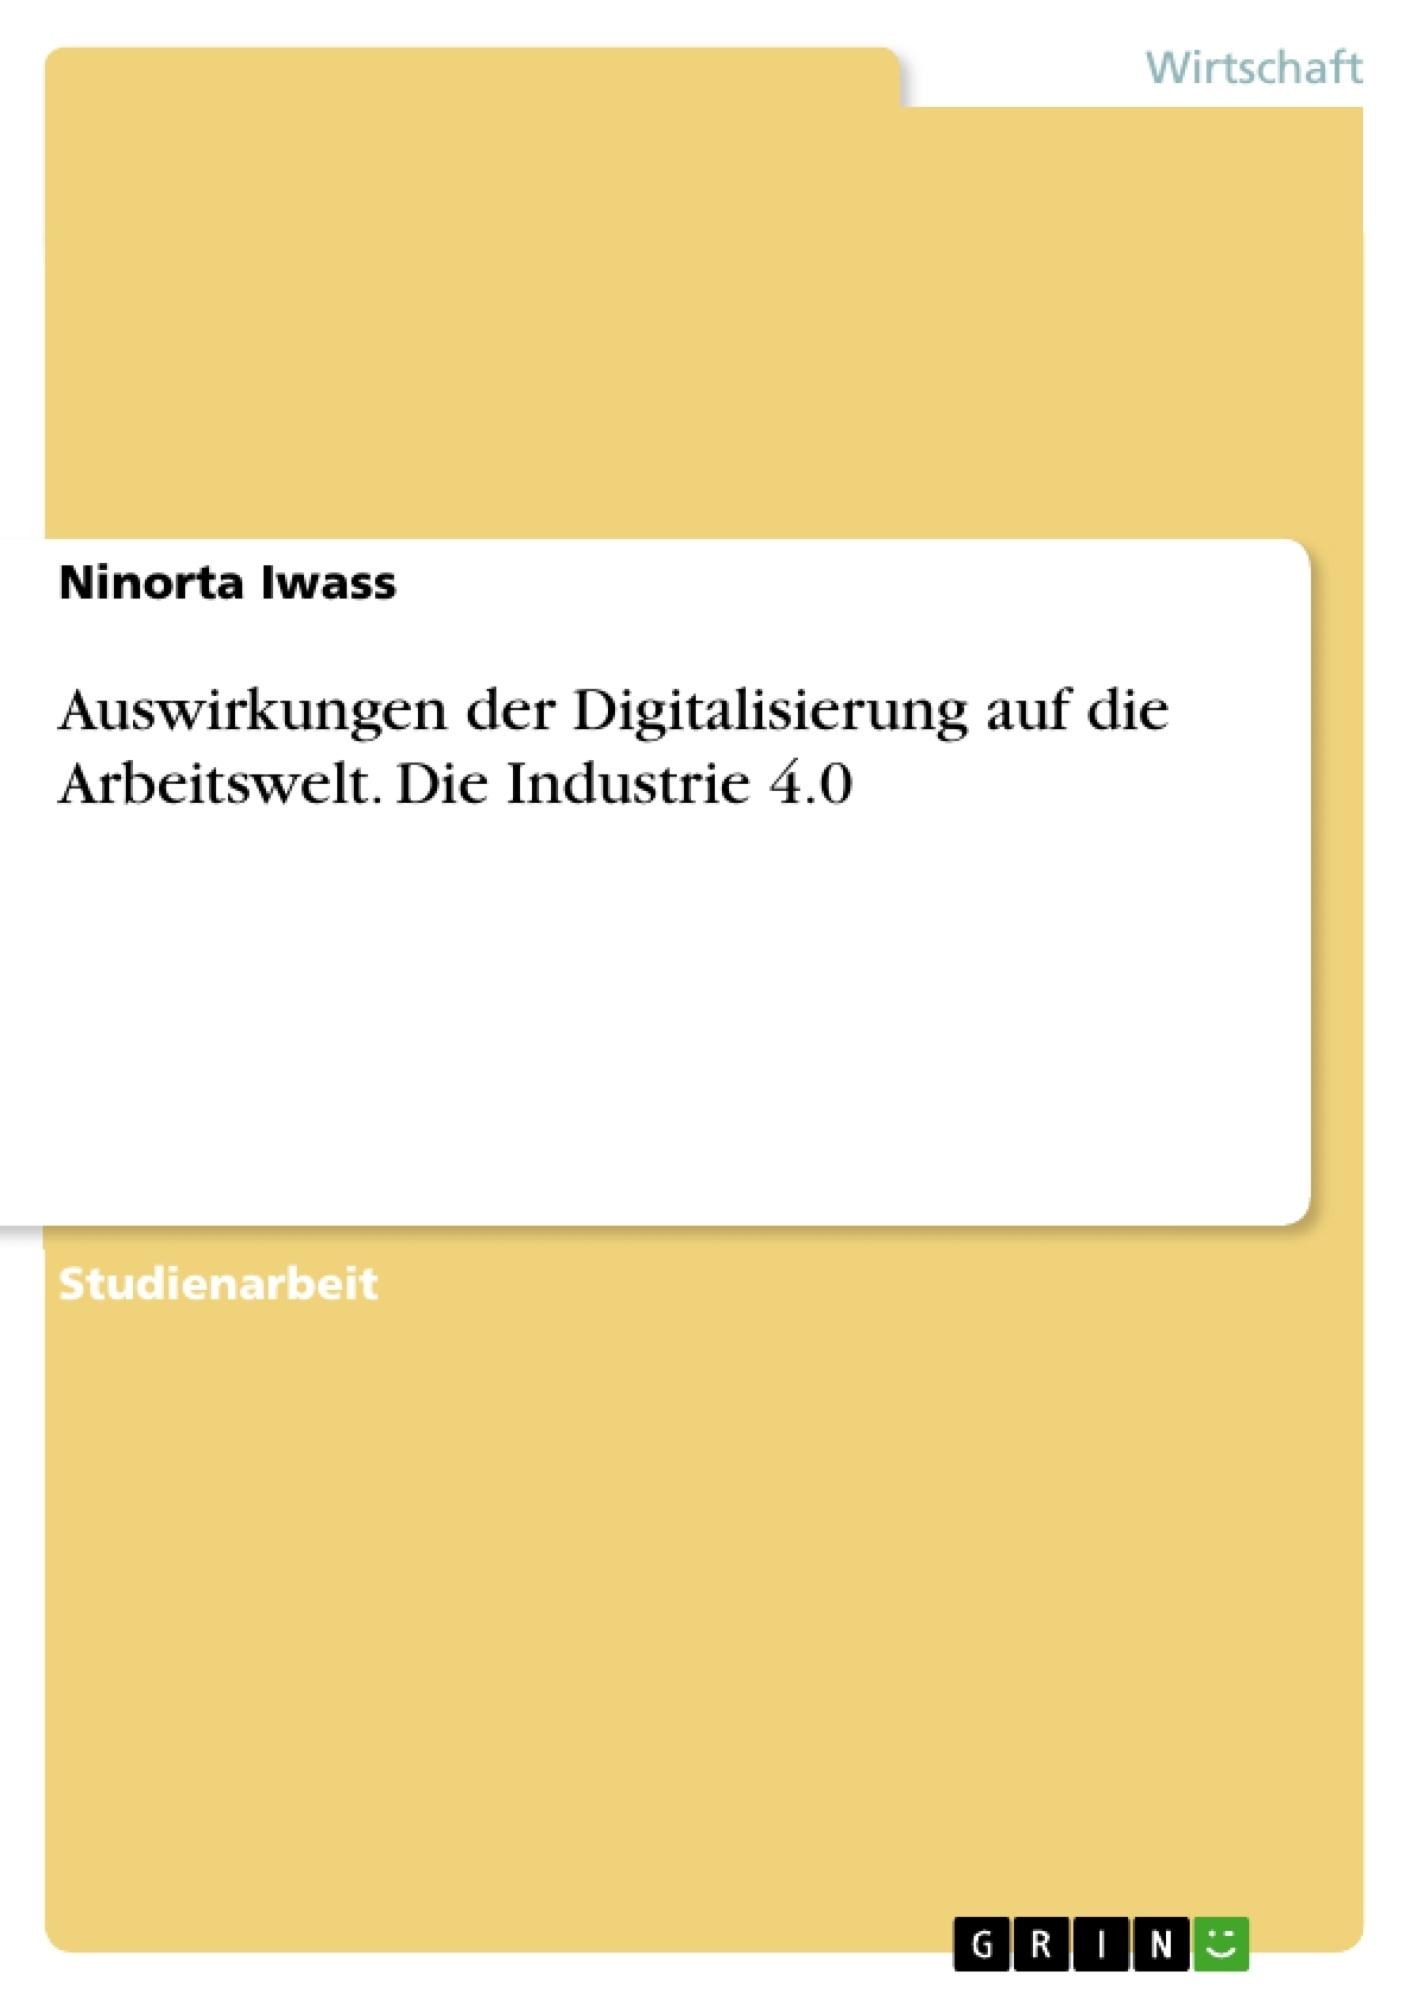 Titel: Auswirkungen der Digitalisierung auf die Arbeitswelt. Die Industrie 4.0